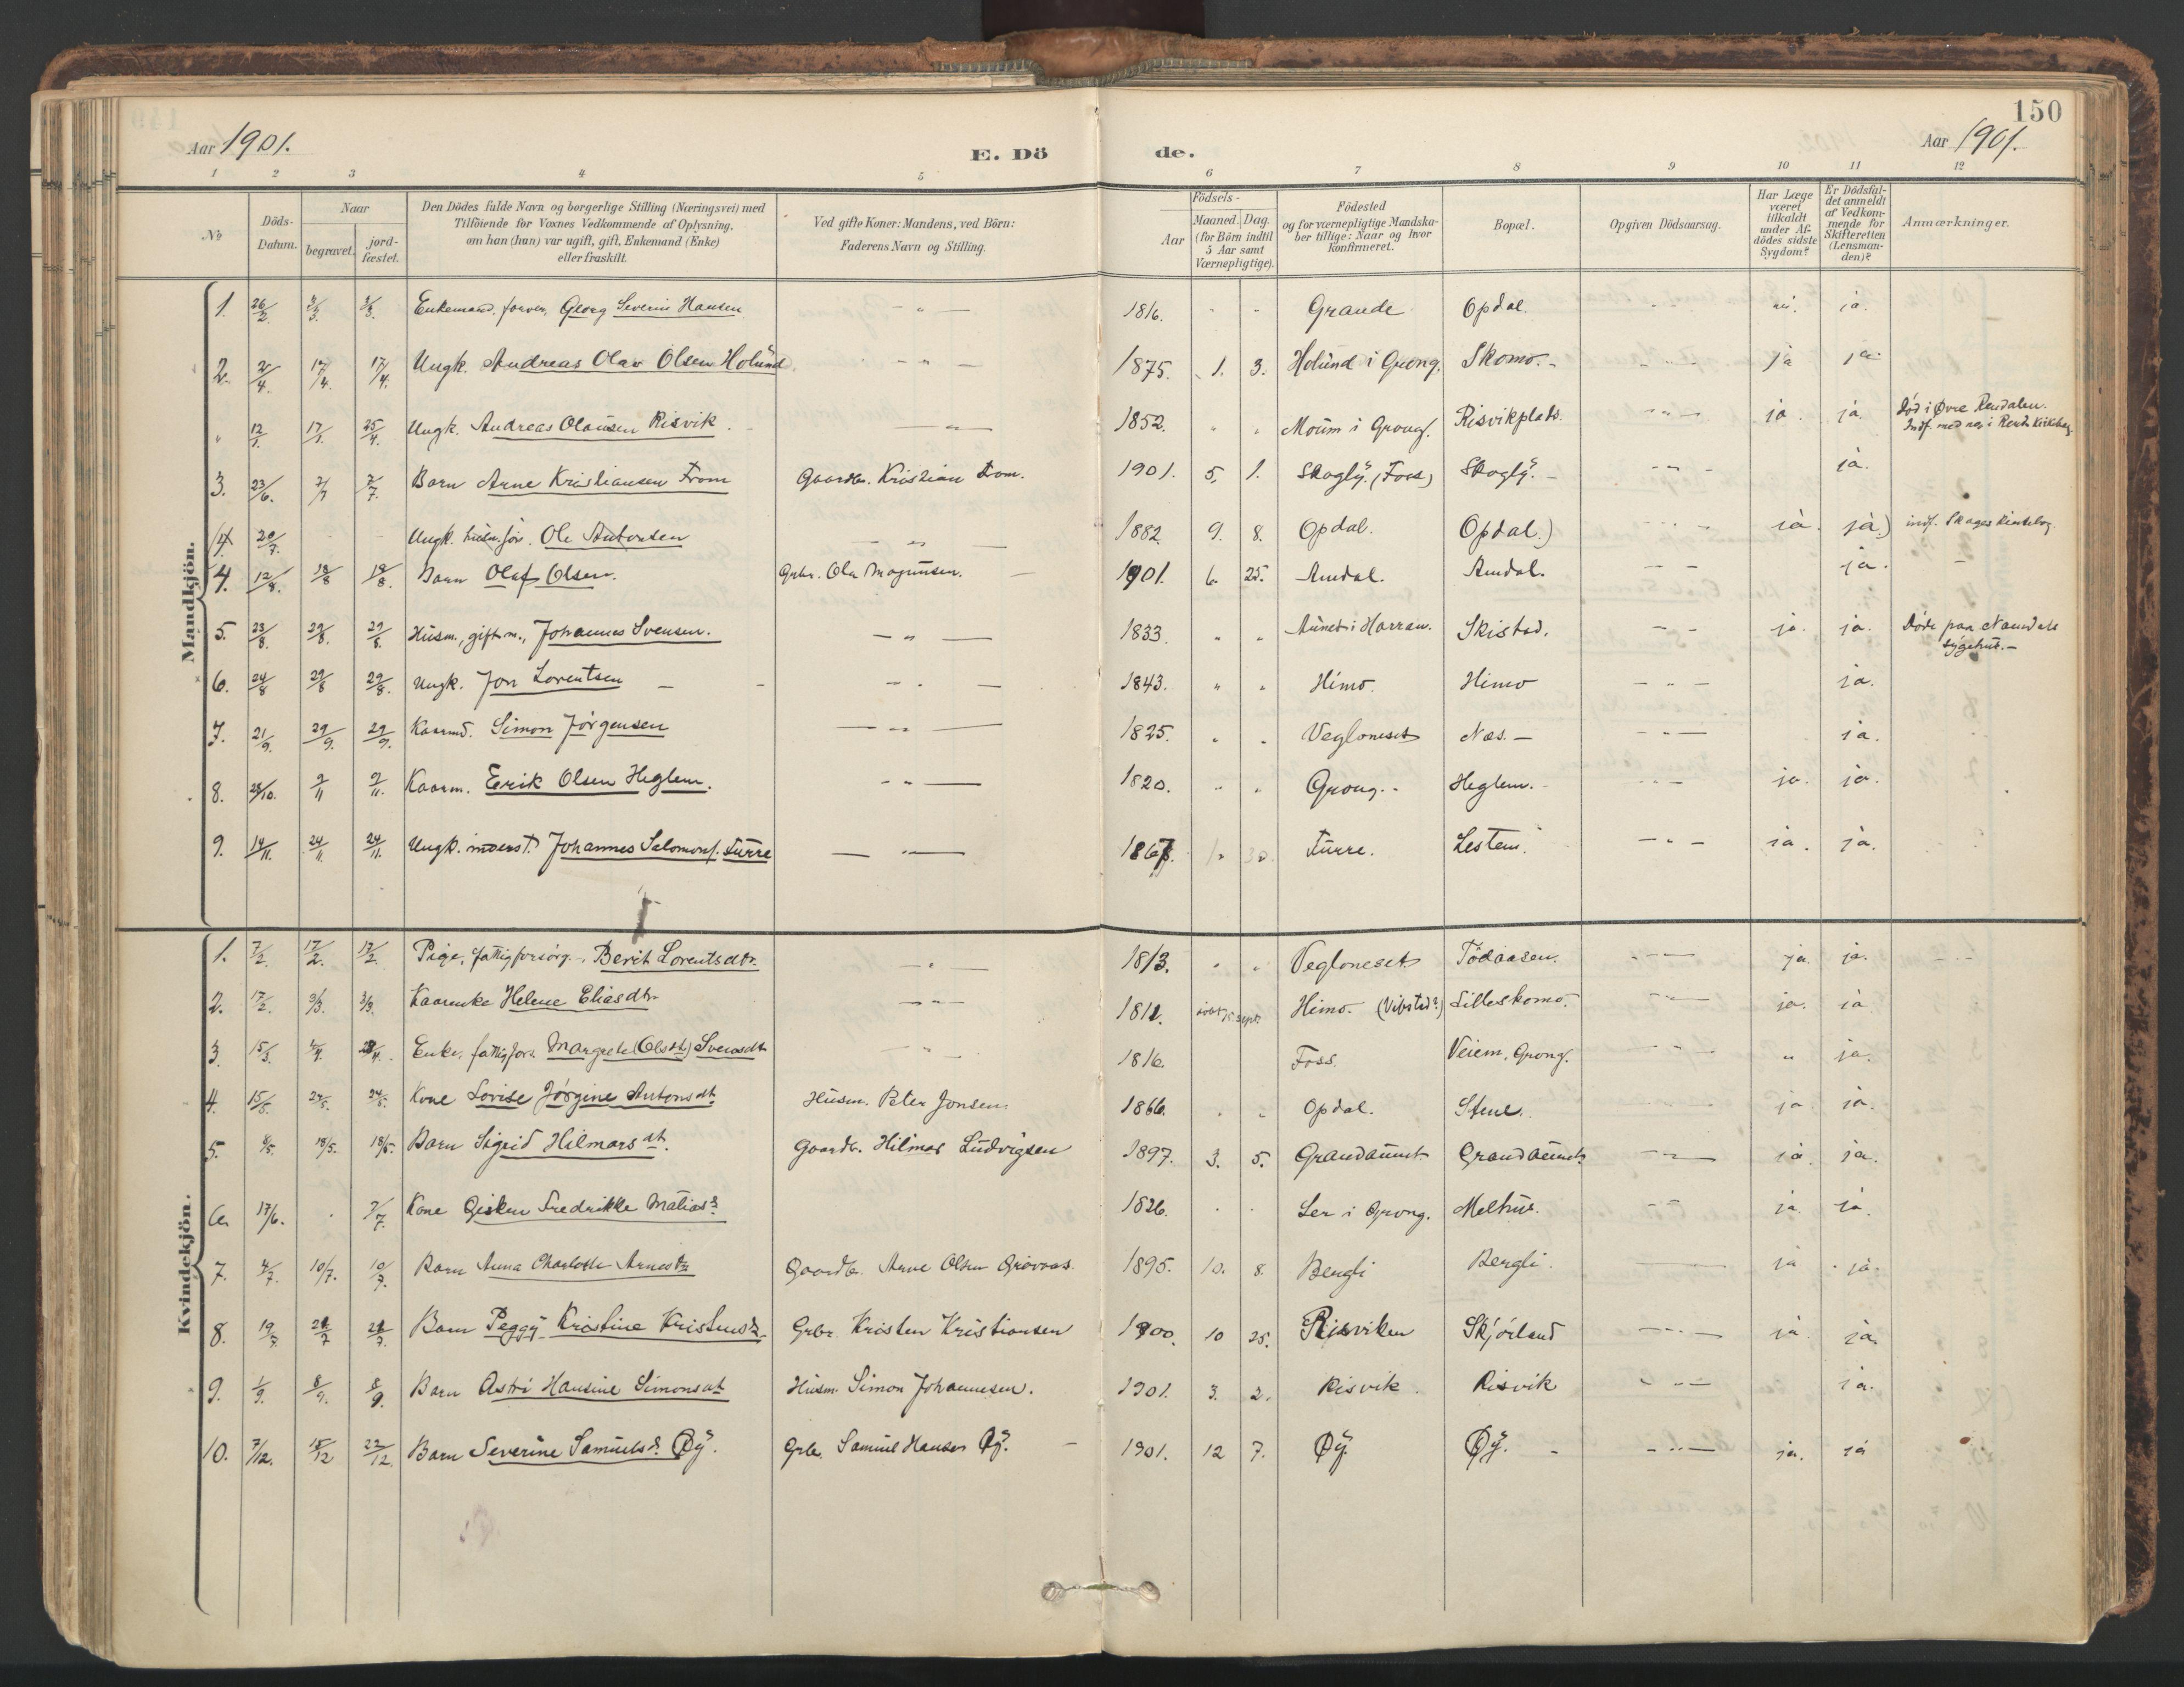 SAT, Ministerialprotokoller, klokkerbøker og fødselsregistre - Nord-Trøndelag, 764/L0556: Ministerialbok nr. 764A11, 1897-1924, s. 150